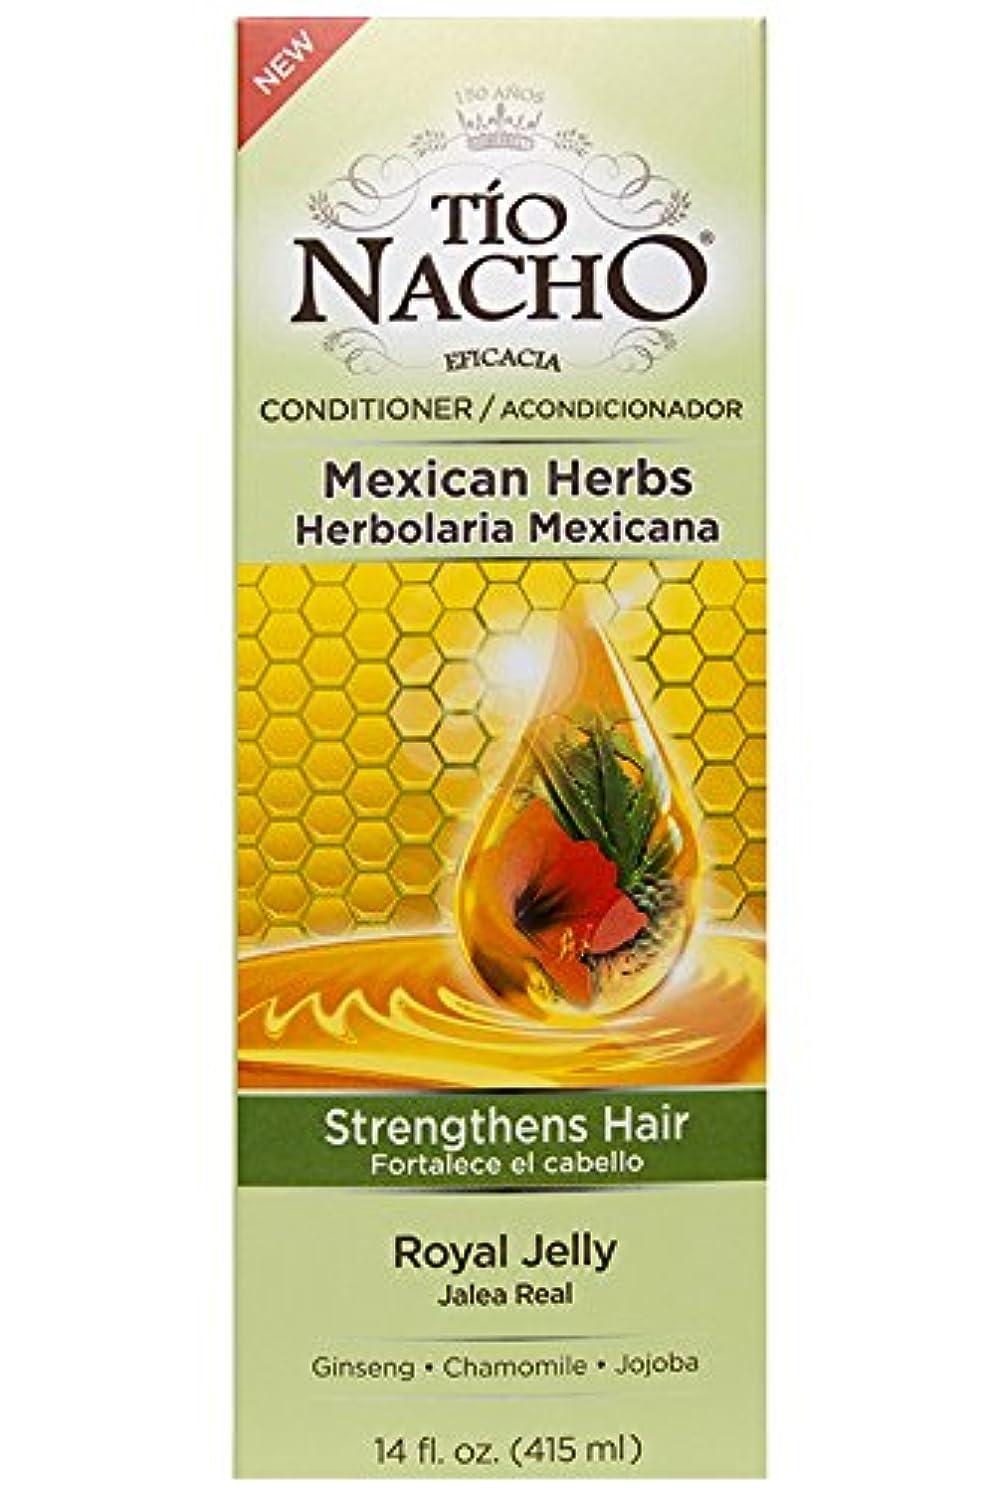 調和のとれた脅威天皇Tio Nacho ローヤルゼリー、高麗人参、アロエベラ、小麦、ホホバ、14オンスコンディショナーを強化メキシコハーブの髪。